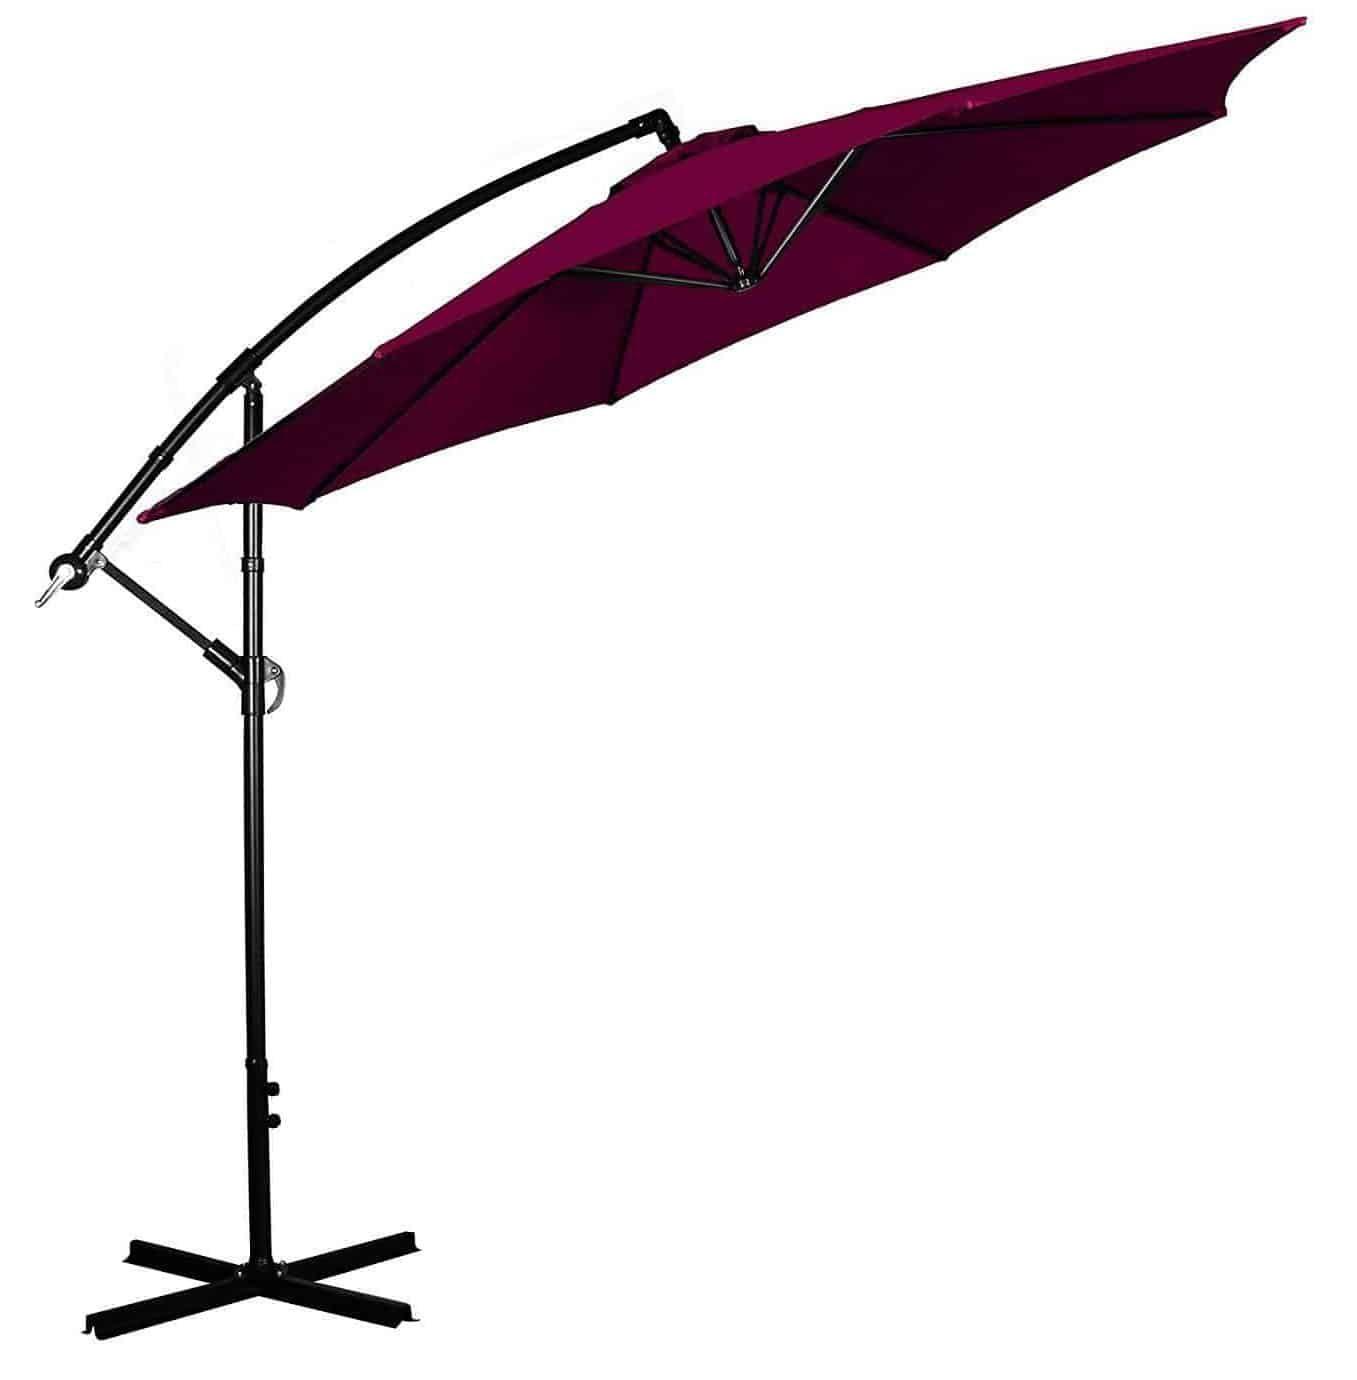 Cloud Mountain 10 Ft Cantilever Patio Umbrella - Cloud Mountain 10 Ft Cantilever Patio Umbrella Top 10 Best Offset